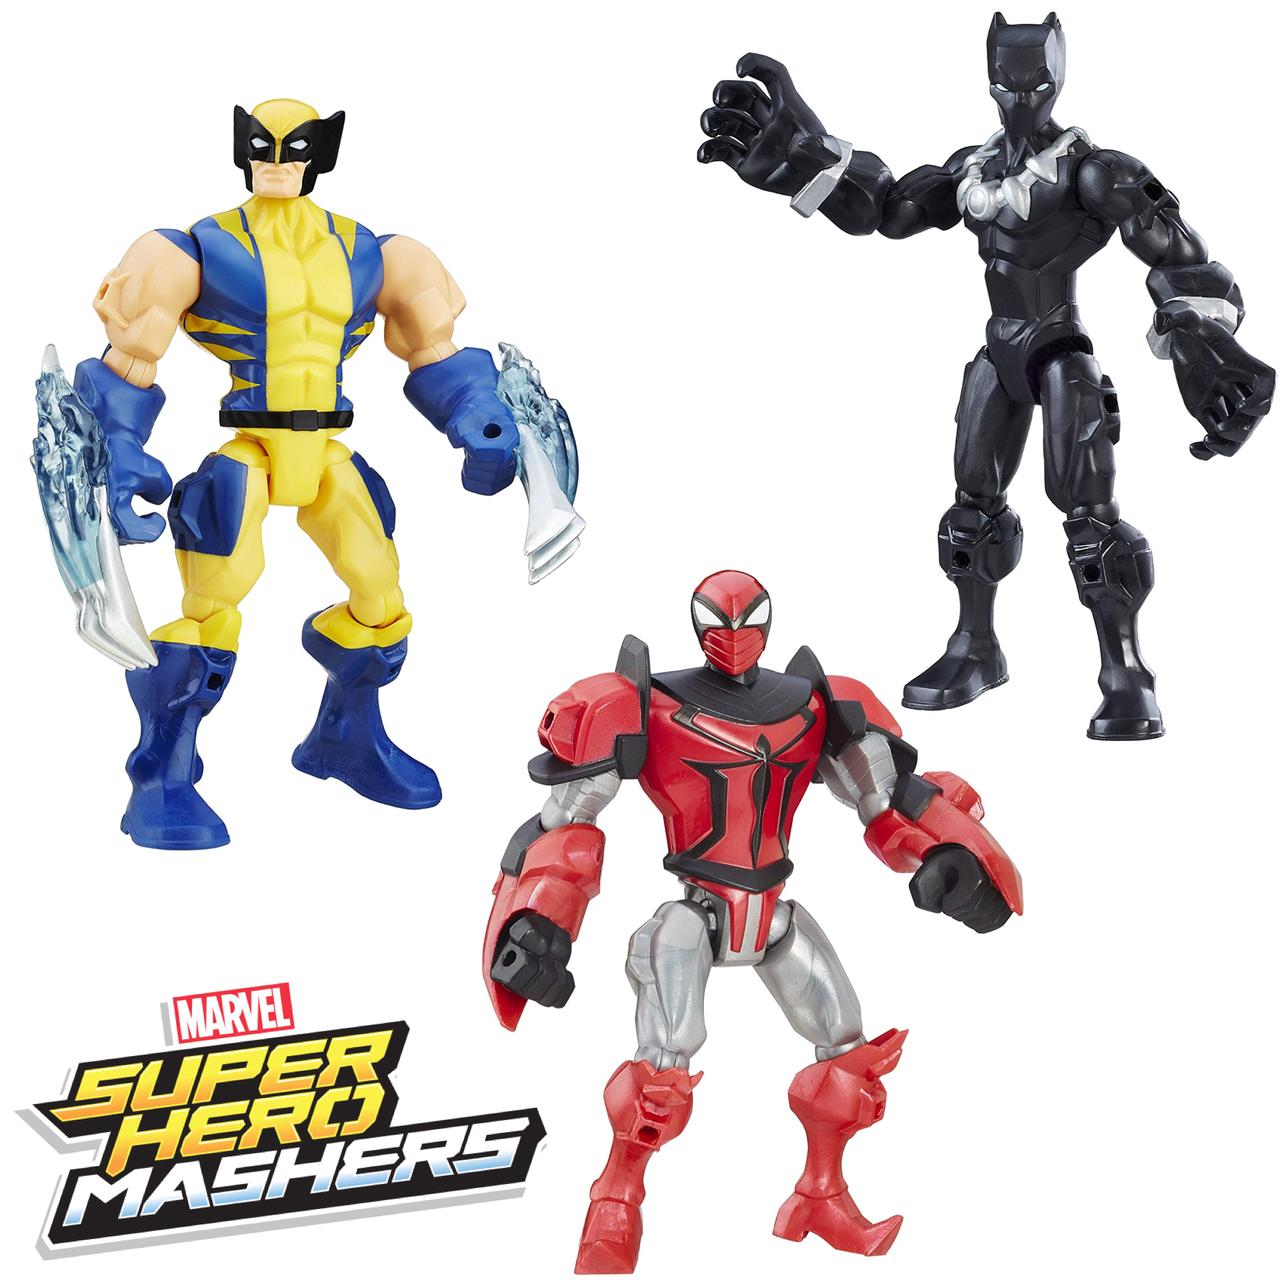 Набор разборных фигурок супергероев Росомаха, Черная Пантера, Рыцарь-паук - Mashers, Hasbro